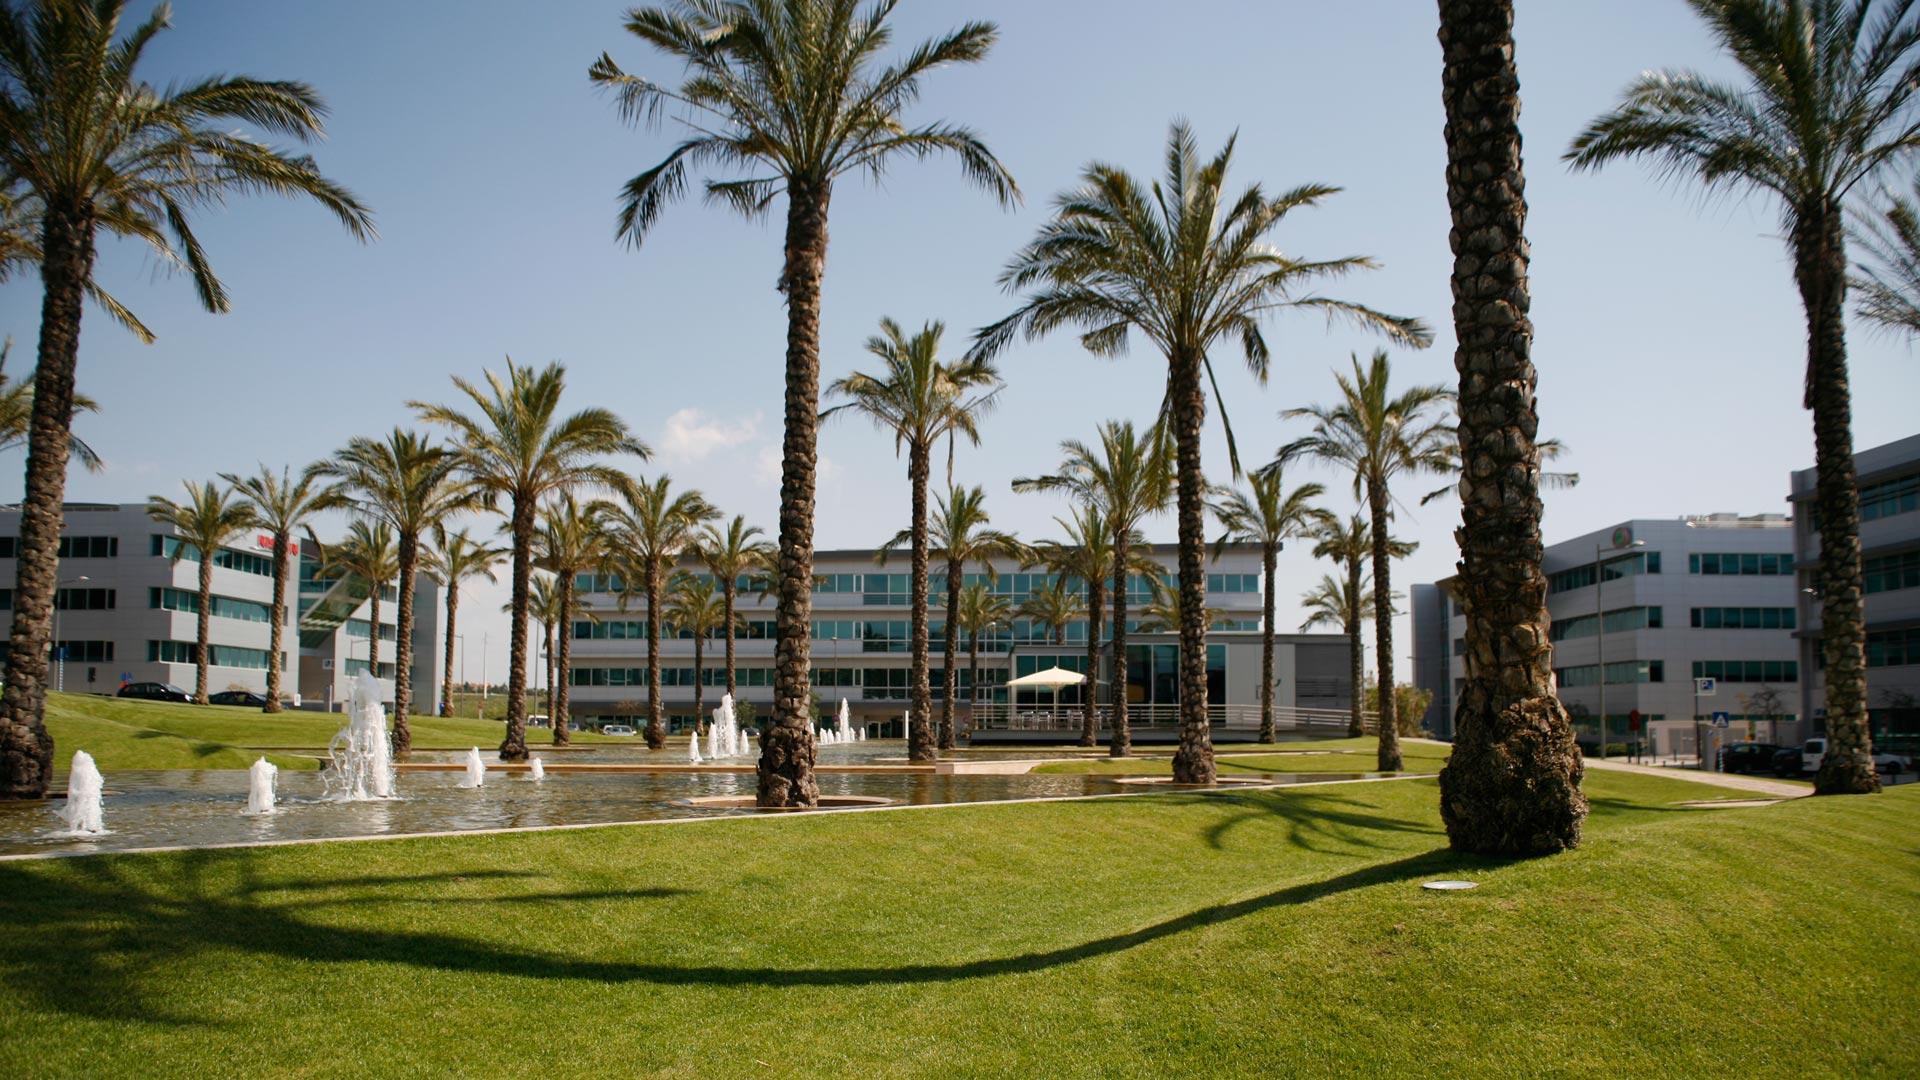 Lagoas Park